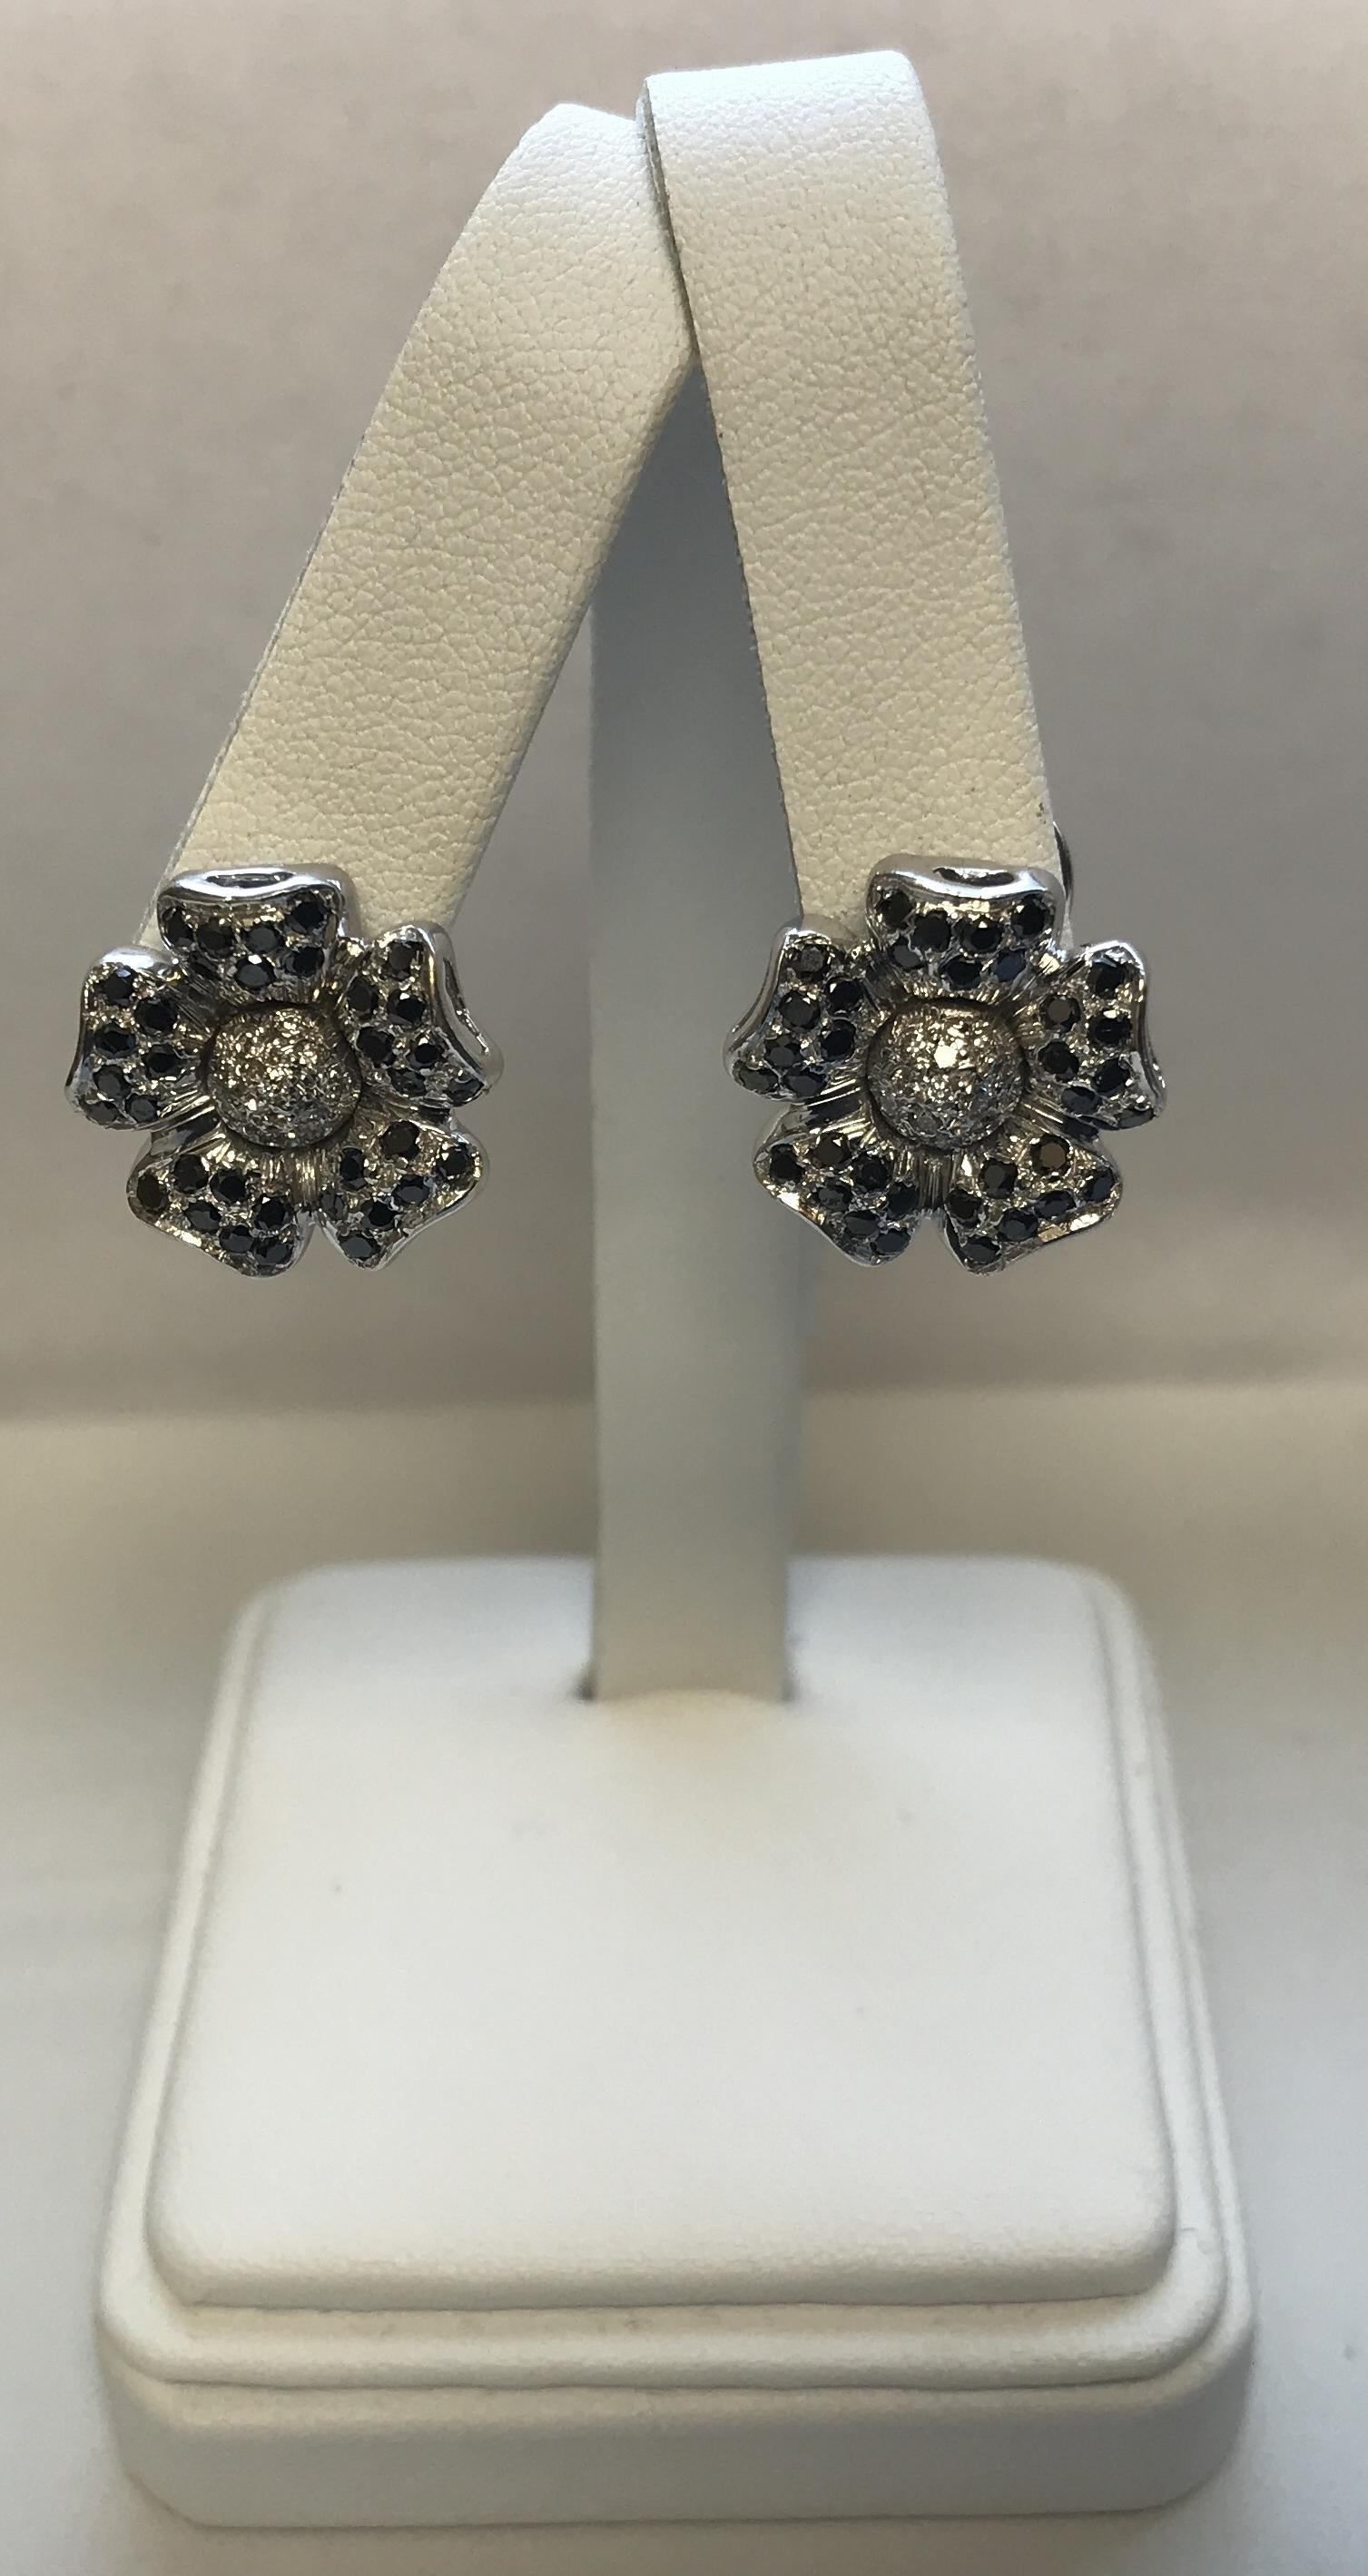 14k White Gold 8.2g Flower Design Black & White Gold Earrings